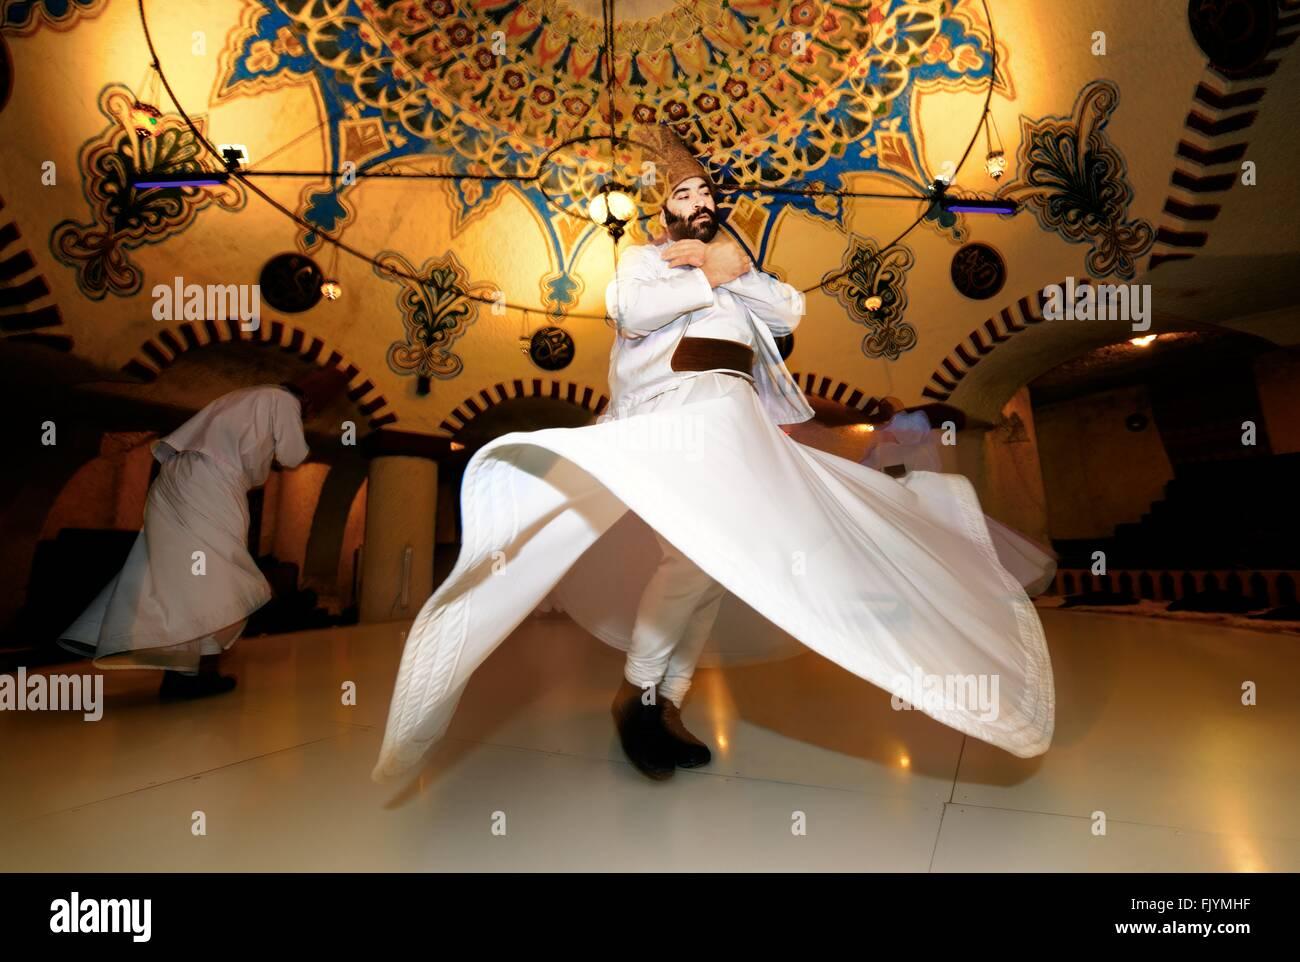 Tradizionale turco whirling Sufi dervish serata spirituale a dervis evi nella città di ortahisar, Goreme, Cappadocia, Turchia Foto Stock